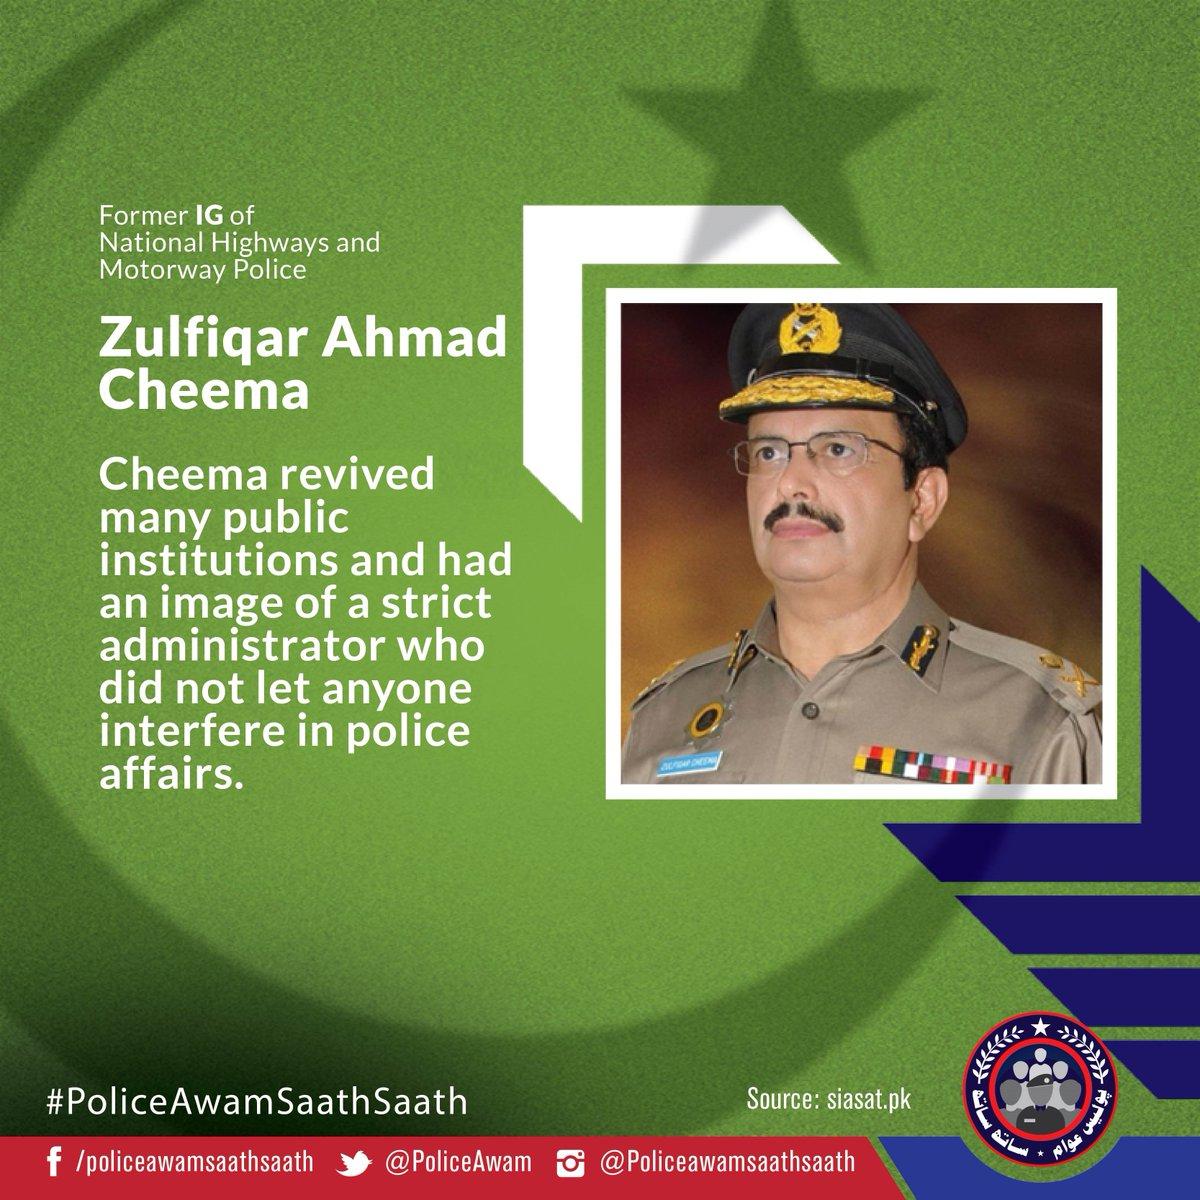 IG Police Zulfiqar Ahmed Cheema